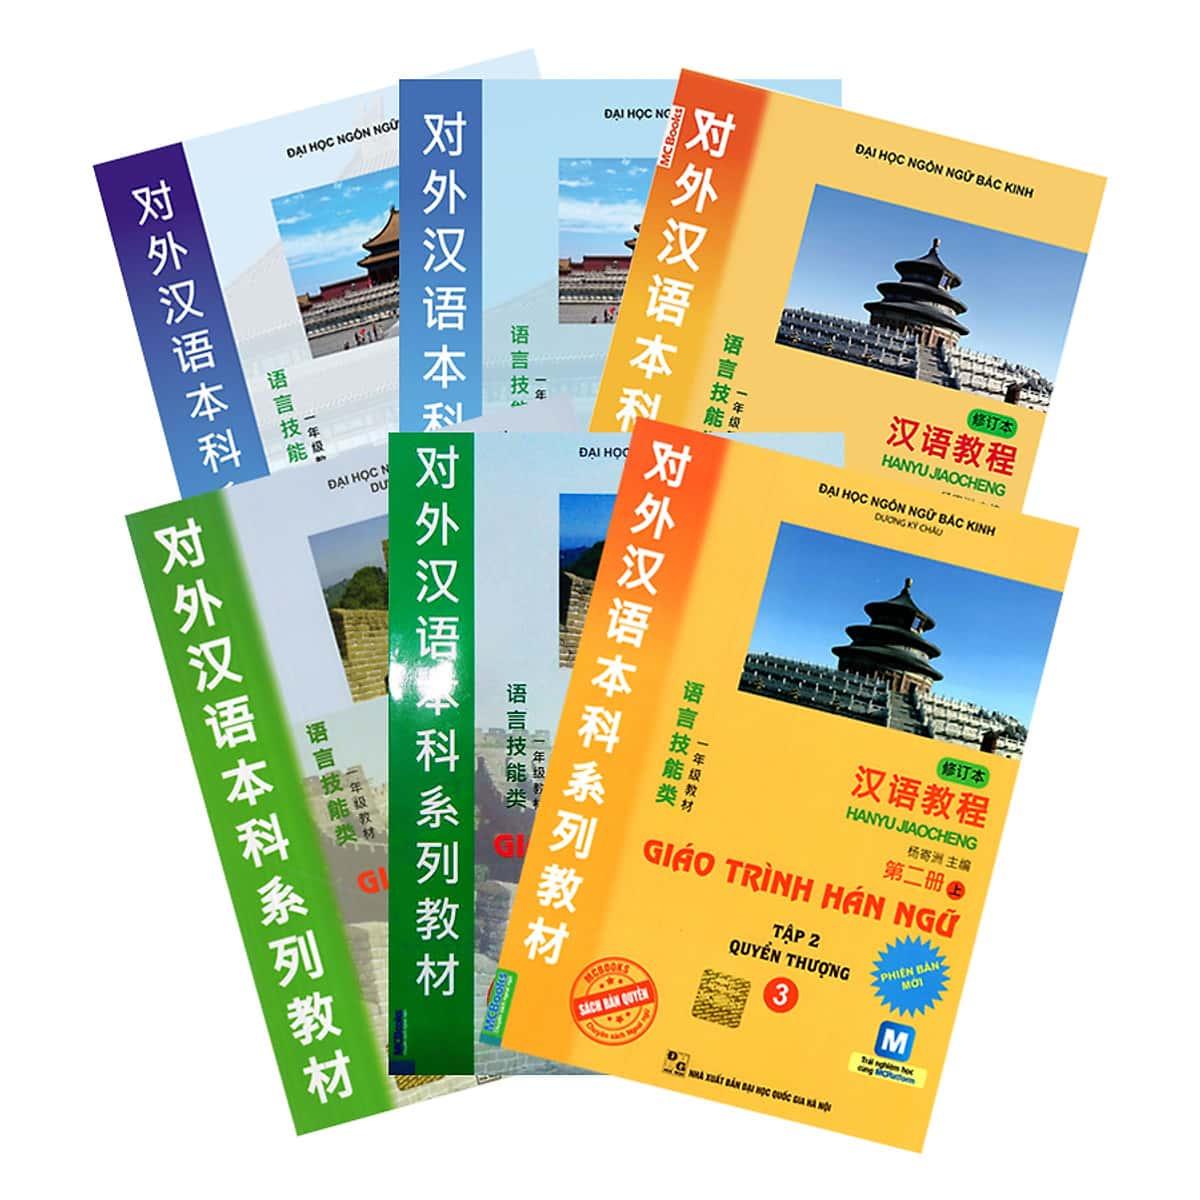 Giáo trình Hán Ngữ được sử dụng nhiều trong giảng dạy.